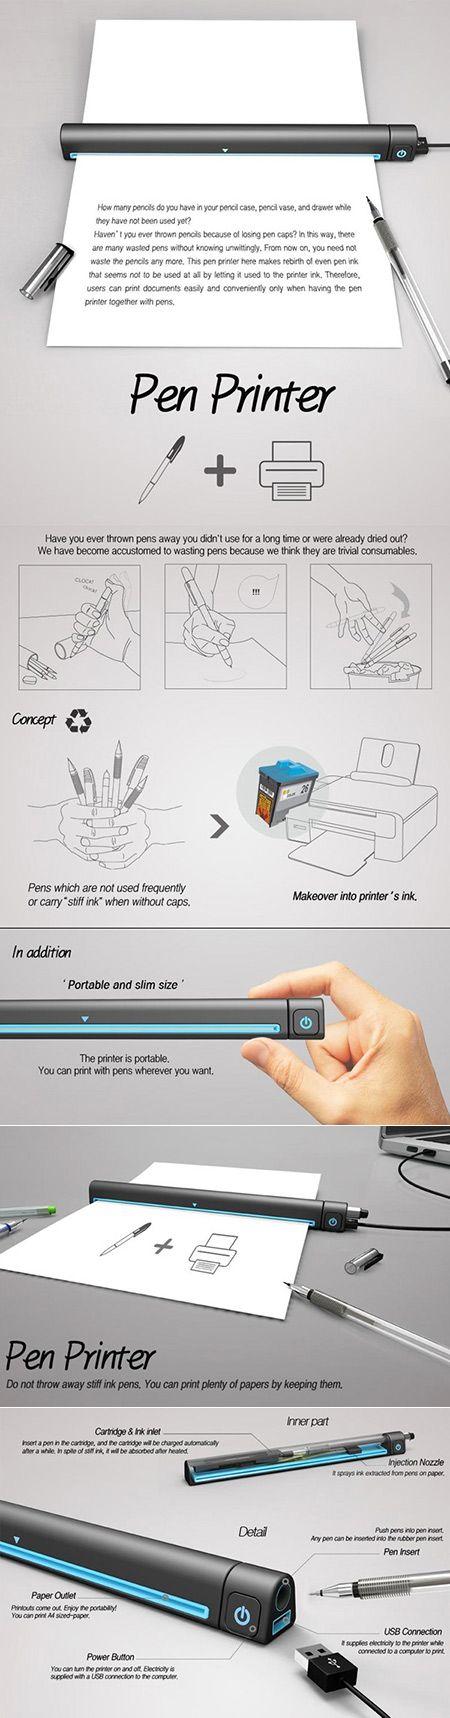 Una impresora que usa como tinta la que le queda a los bolígrafos viejos.